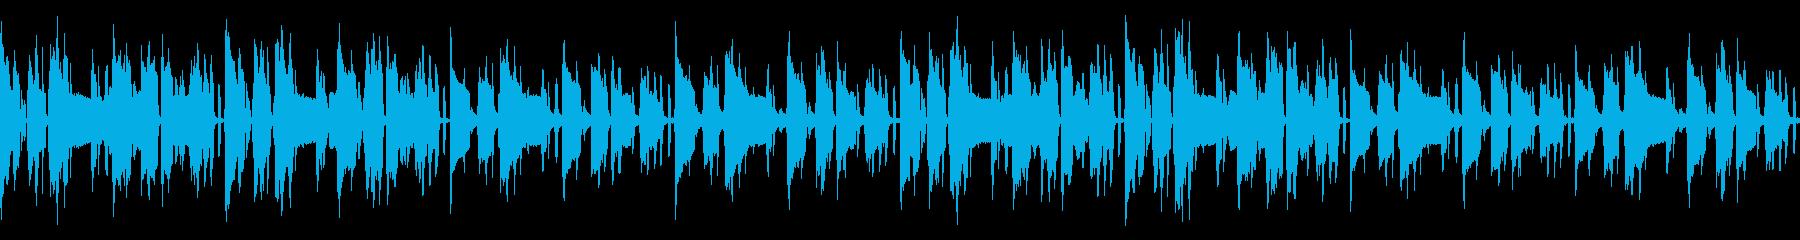 配信や映像用のシンプルで少し切ないループの再生済みの波形